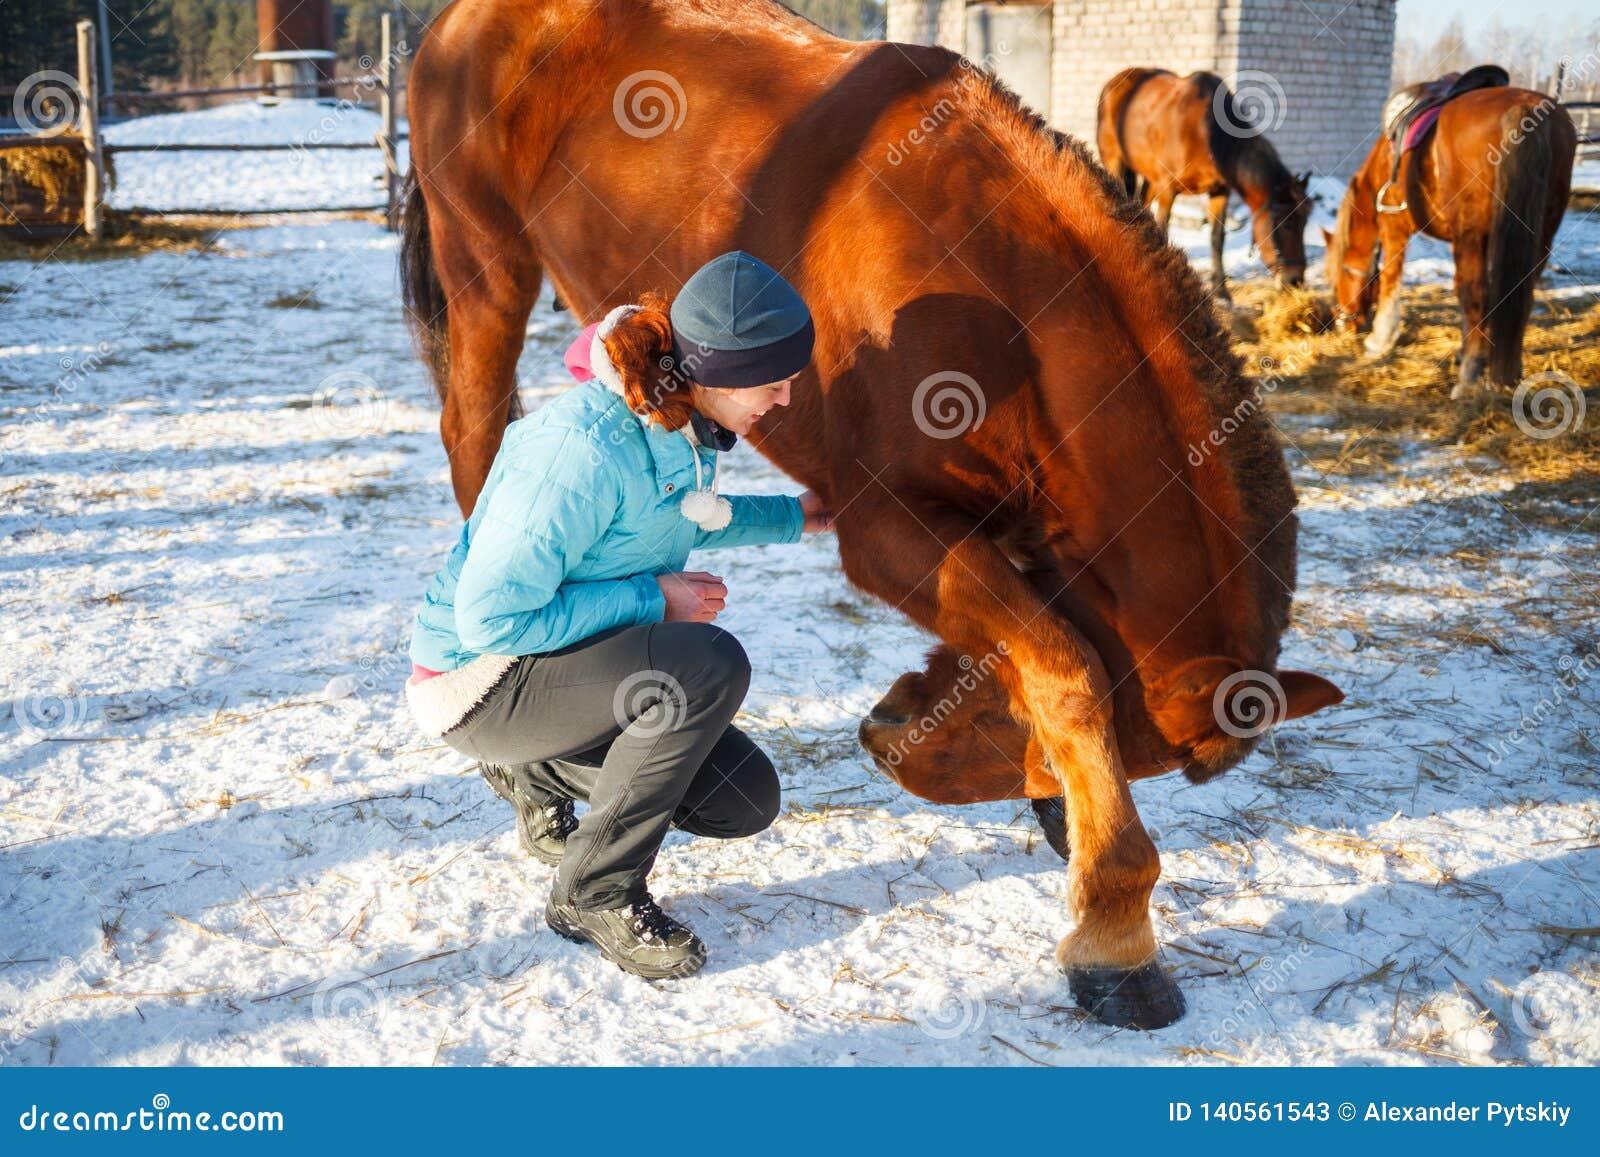 Rothaarige-Mädchen unterrichtete ein rotes Pferd zu schwören und zu tanzen